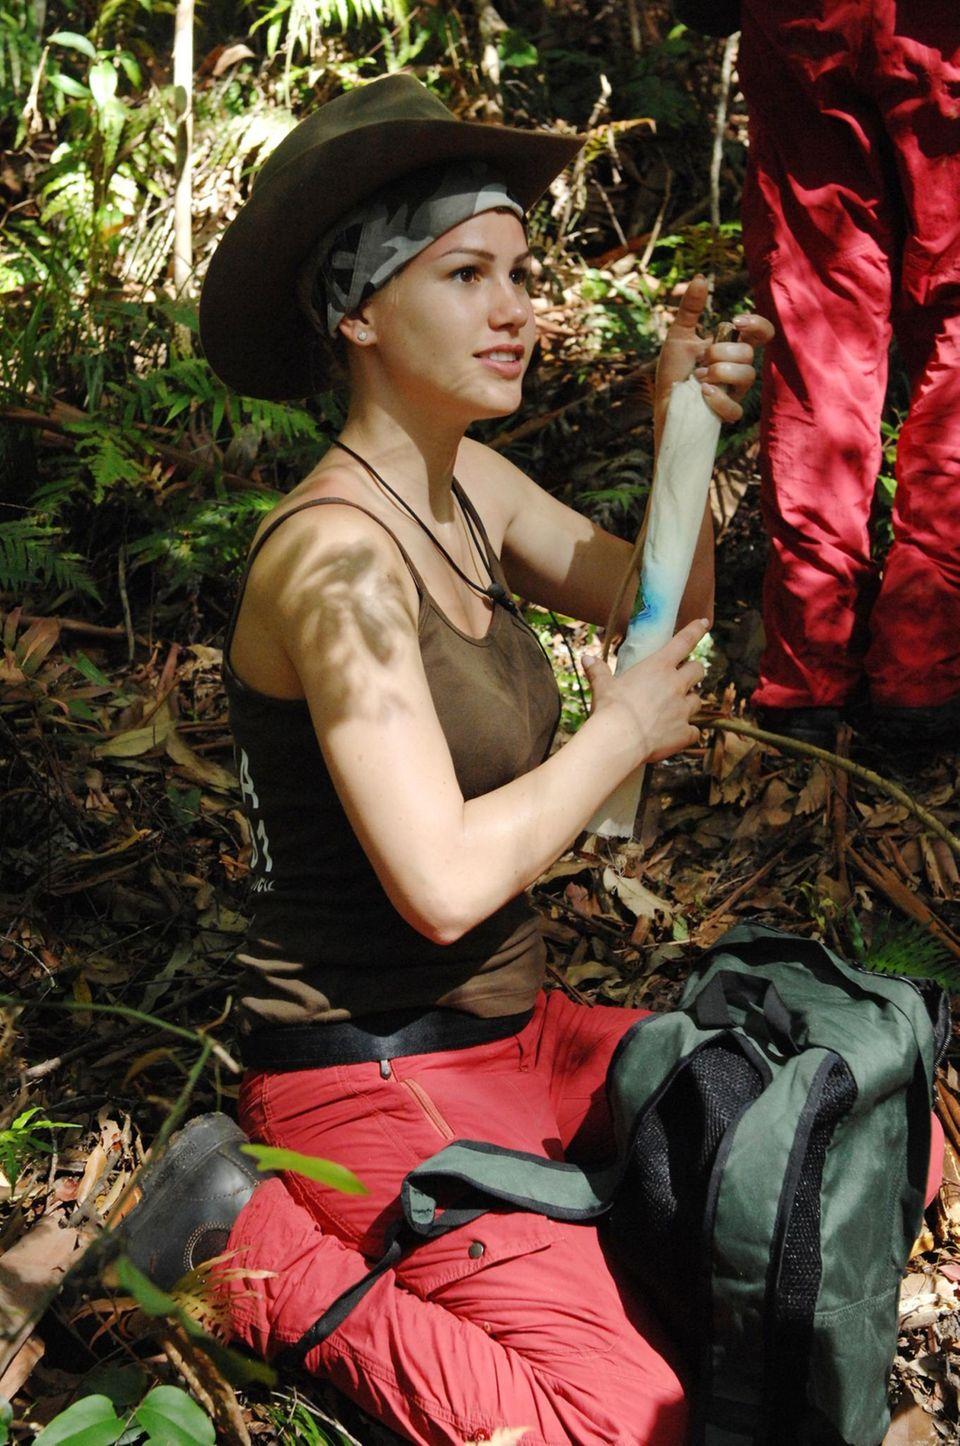 """Das Dschungelcamp: Angelina Heger, ehemalige """"Bachelor""""-Kandidatin, will das Busch-Outfit an lassen und keine nackte Haut zeigen. Ob sie das durchhält? Alle Infos zu """"Ich bin ein Star - Holt mich hier raus!"""" im Special bei RTL.de"""